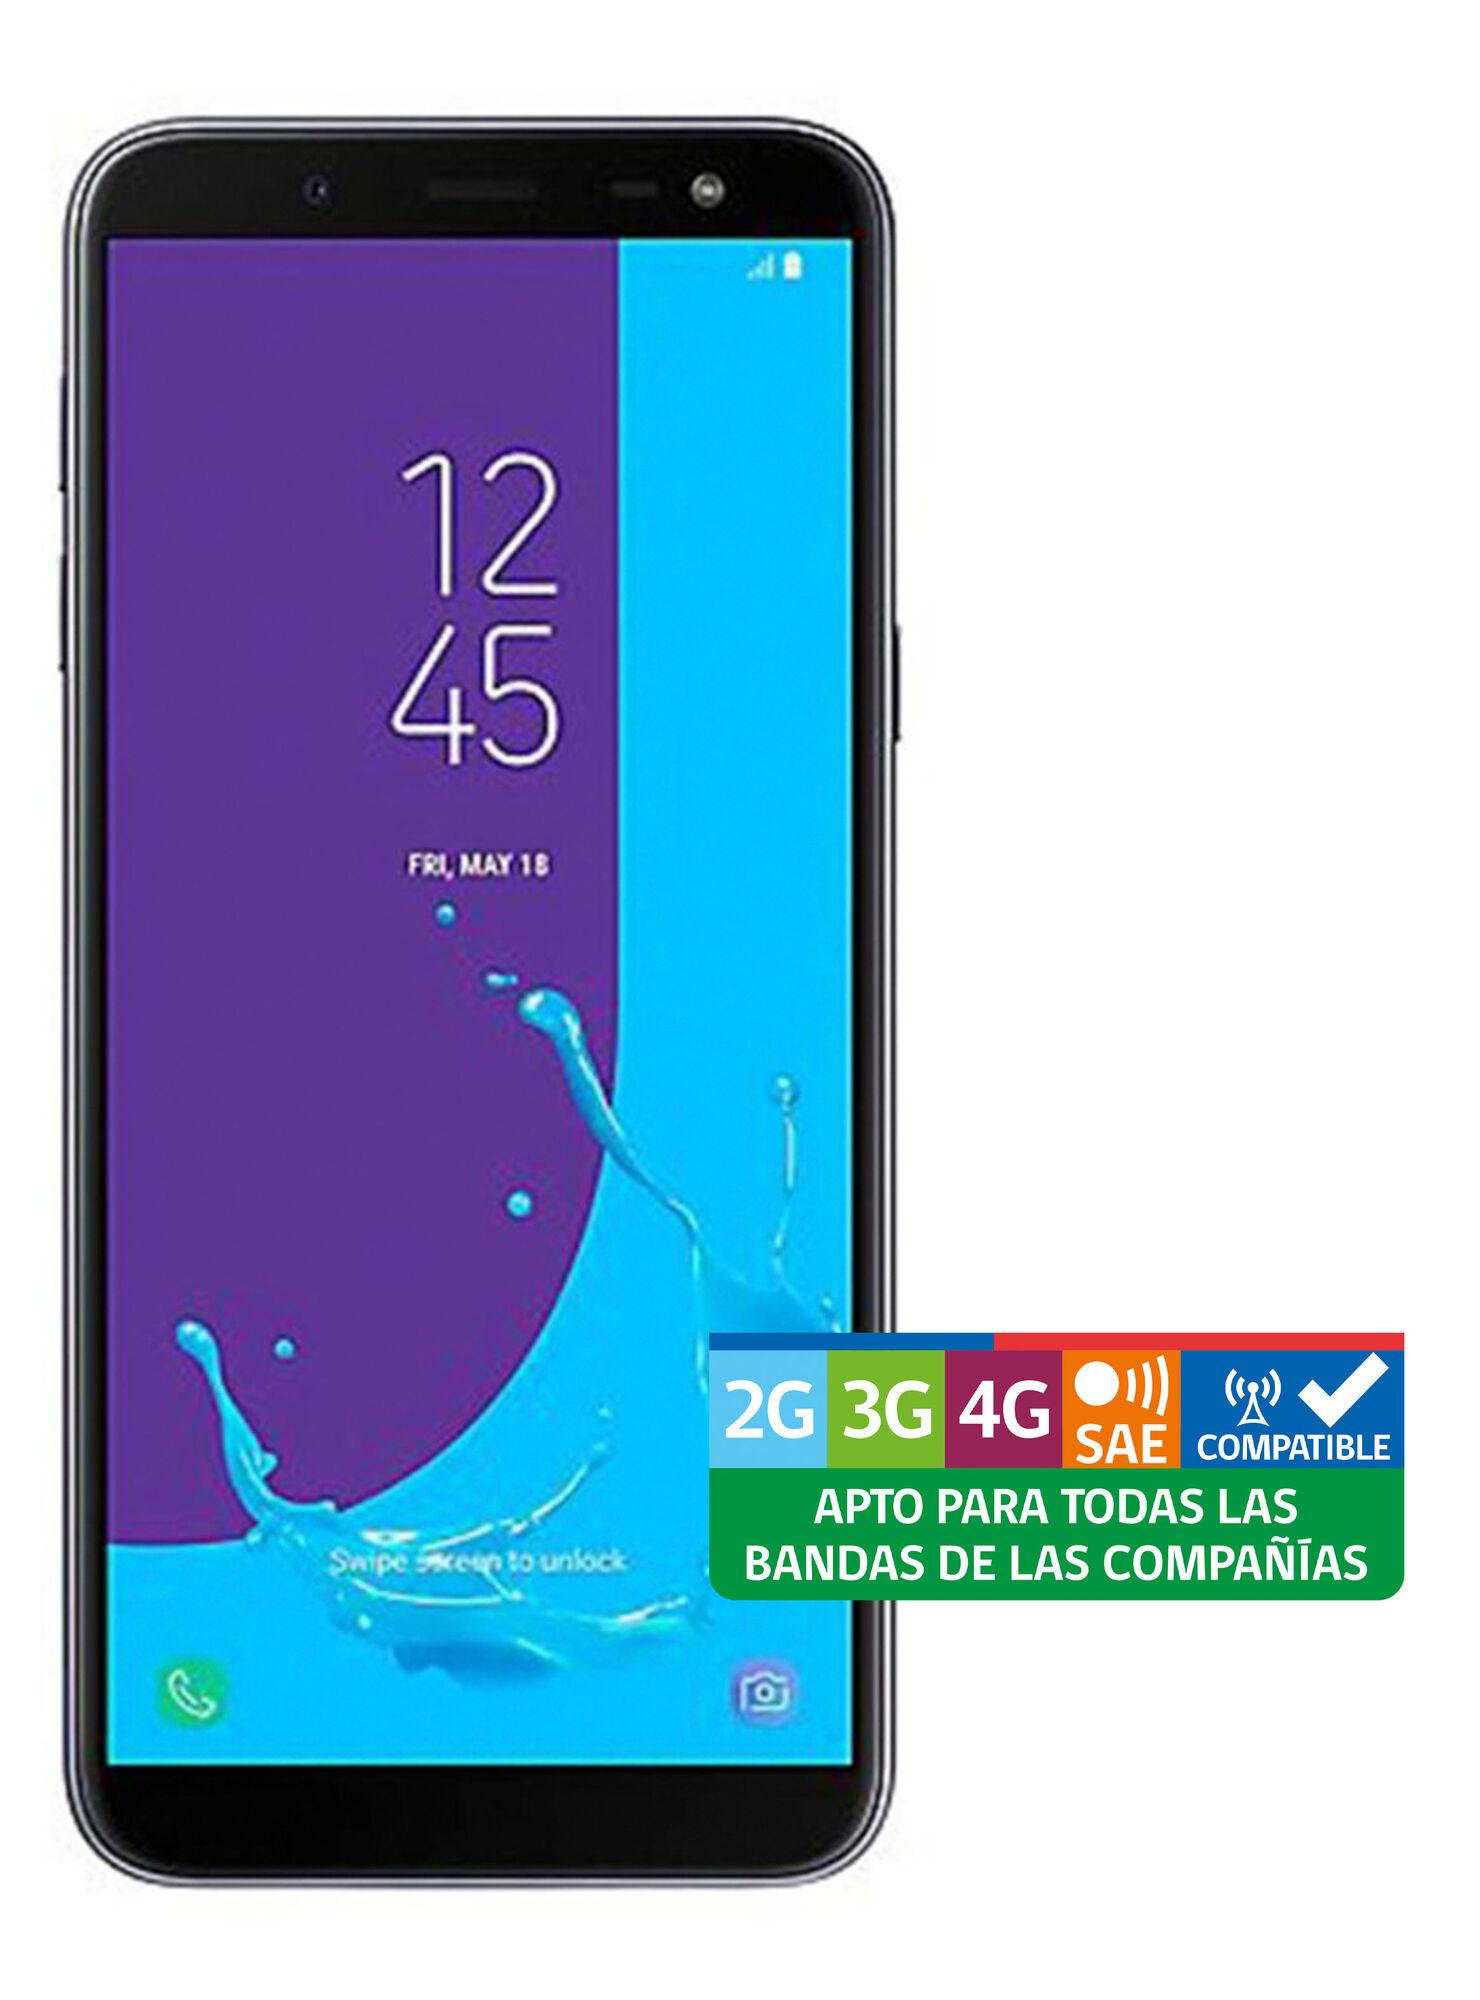 e1bce61a747 Smartphone Samsung Galaxy J6 Gris WOM en Smartphones   Paris